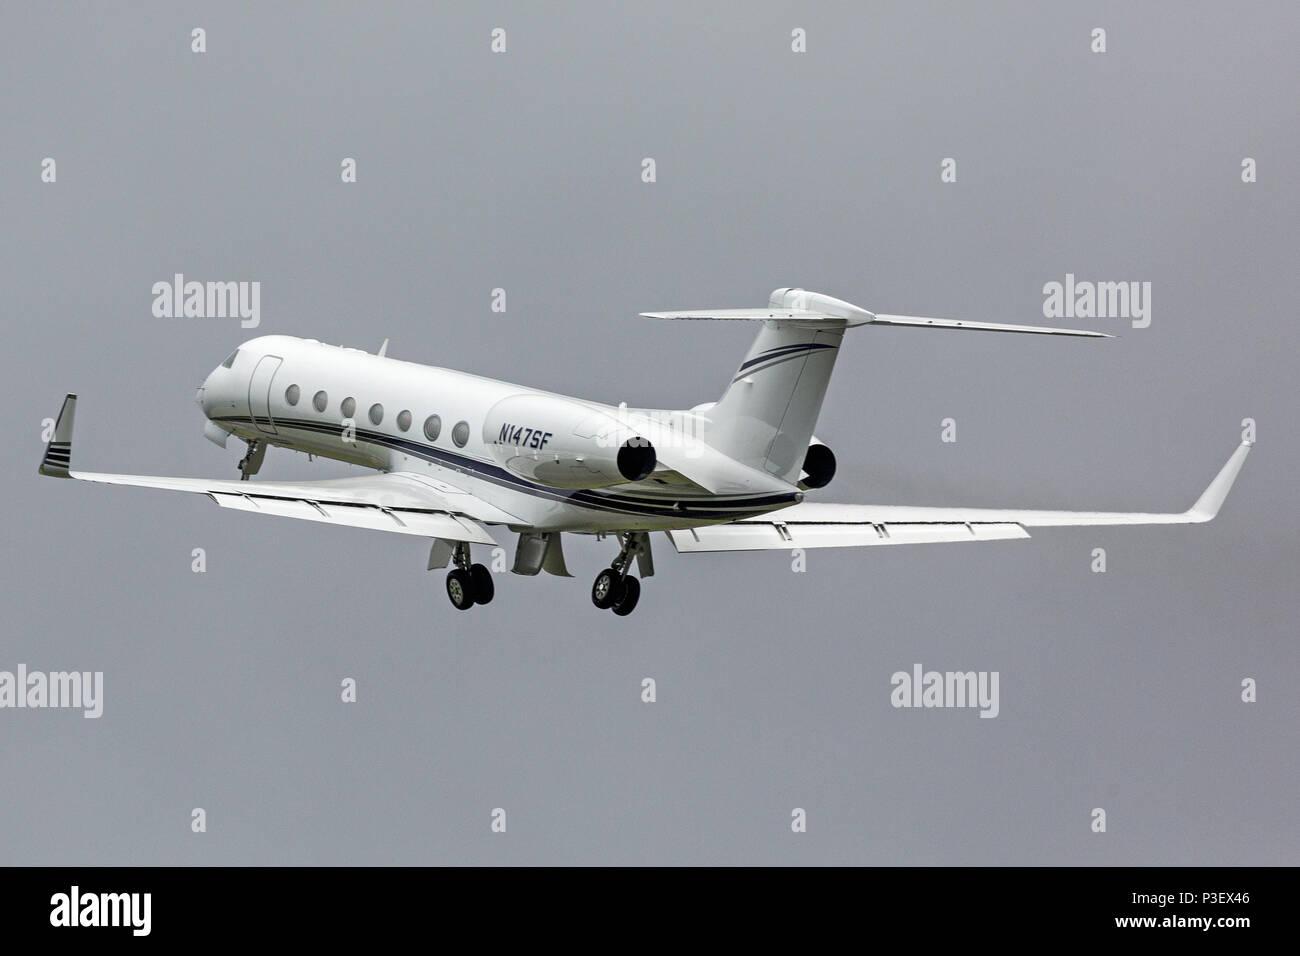 Eine Gulfstream Aerospace GV-SP G550 business Geschäftsflugzeuge, registriert N 147 SF, weg von London Luton Airport in England. Stockbild